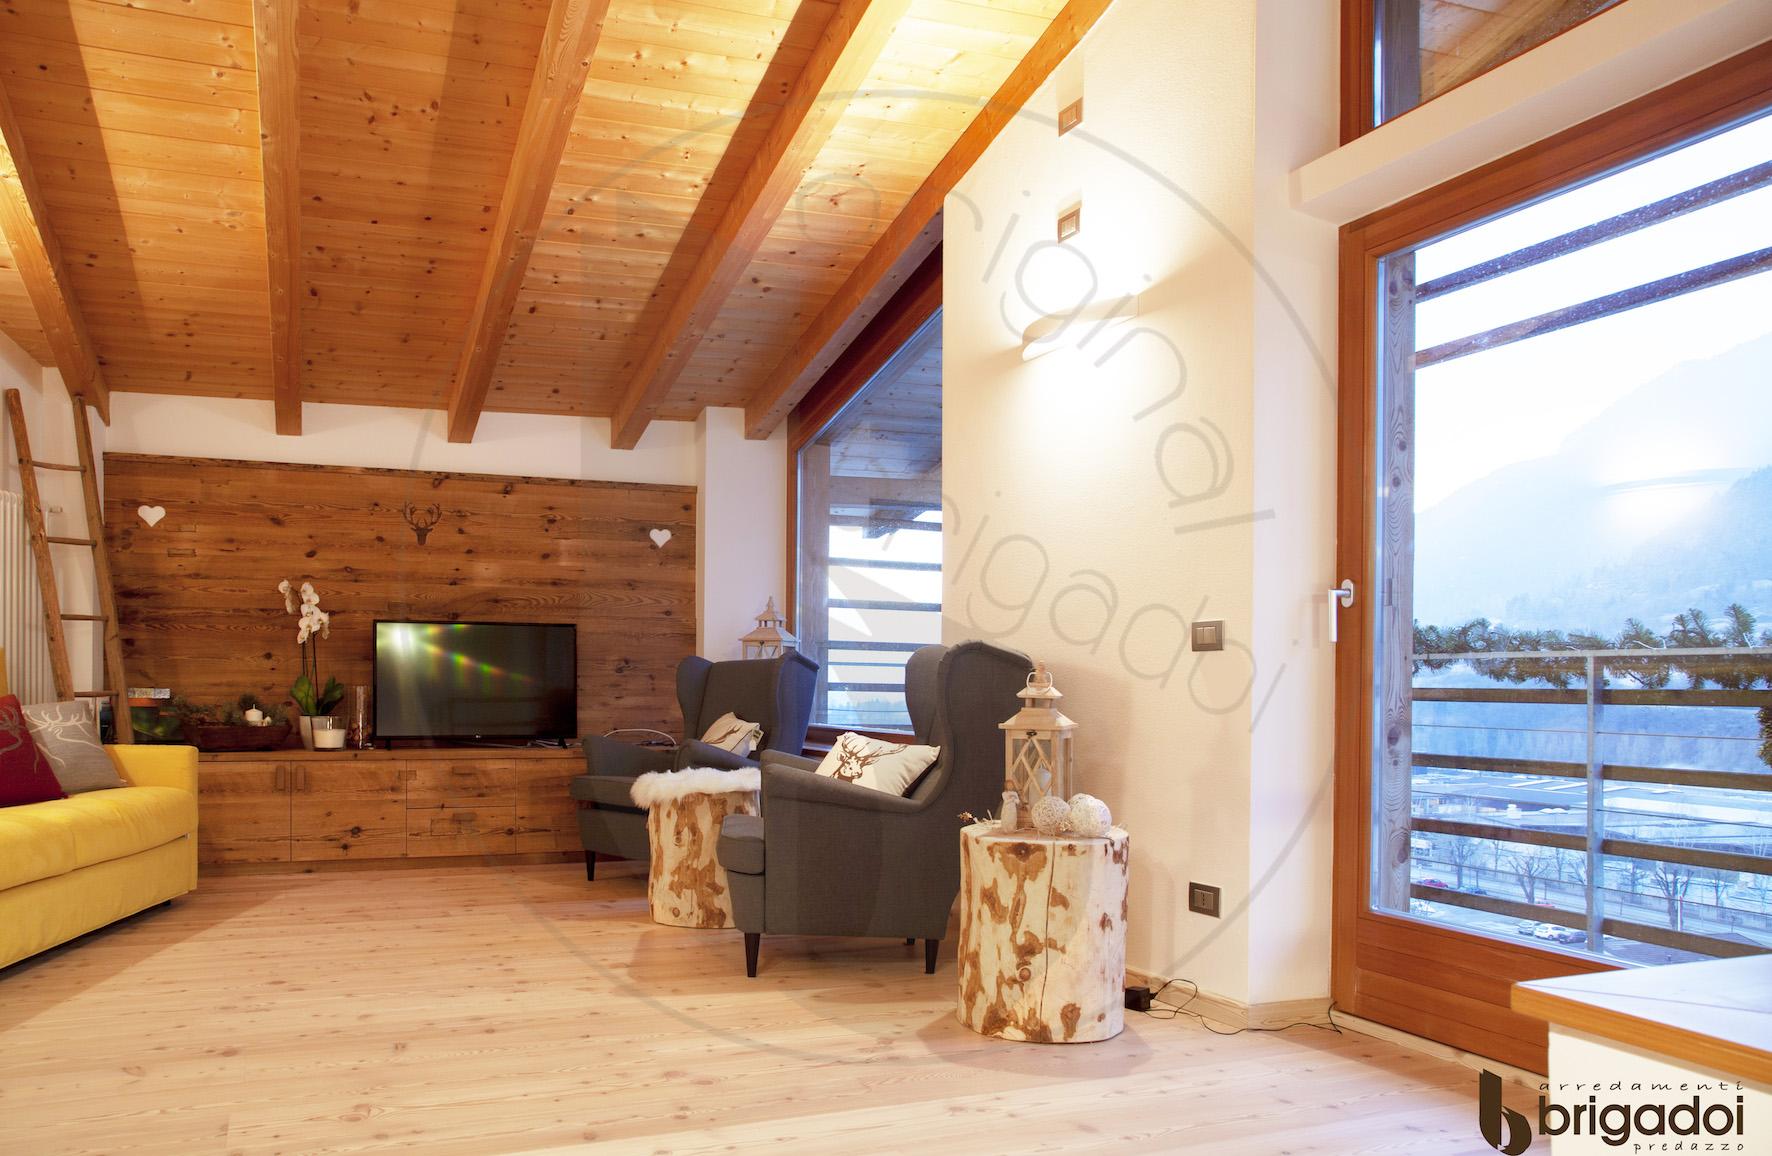 arredamenti falegnameria brigadoi legno trentino val di fiemme design mountain dolomiti